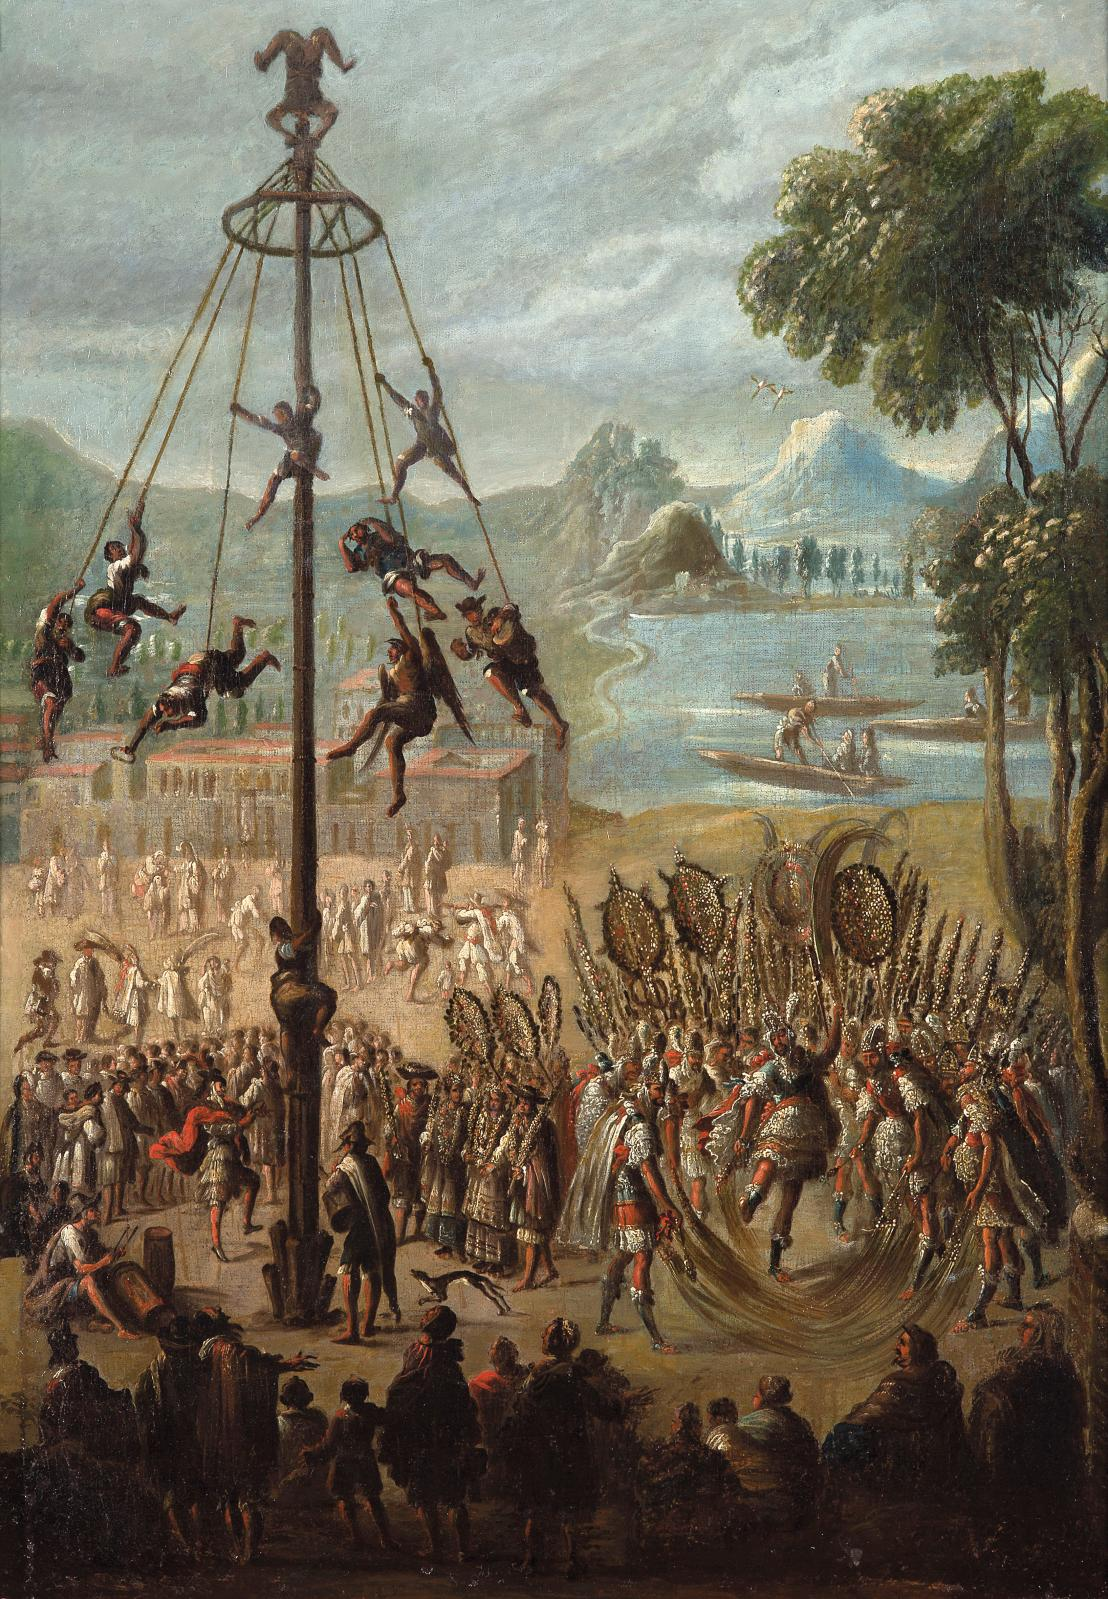 École coloniale du XVIesiècle, La Danse du volador,huile sur toile (détail), 72,5x52,5cm. Adjugé: 284320€